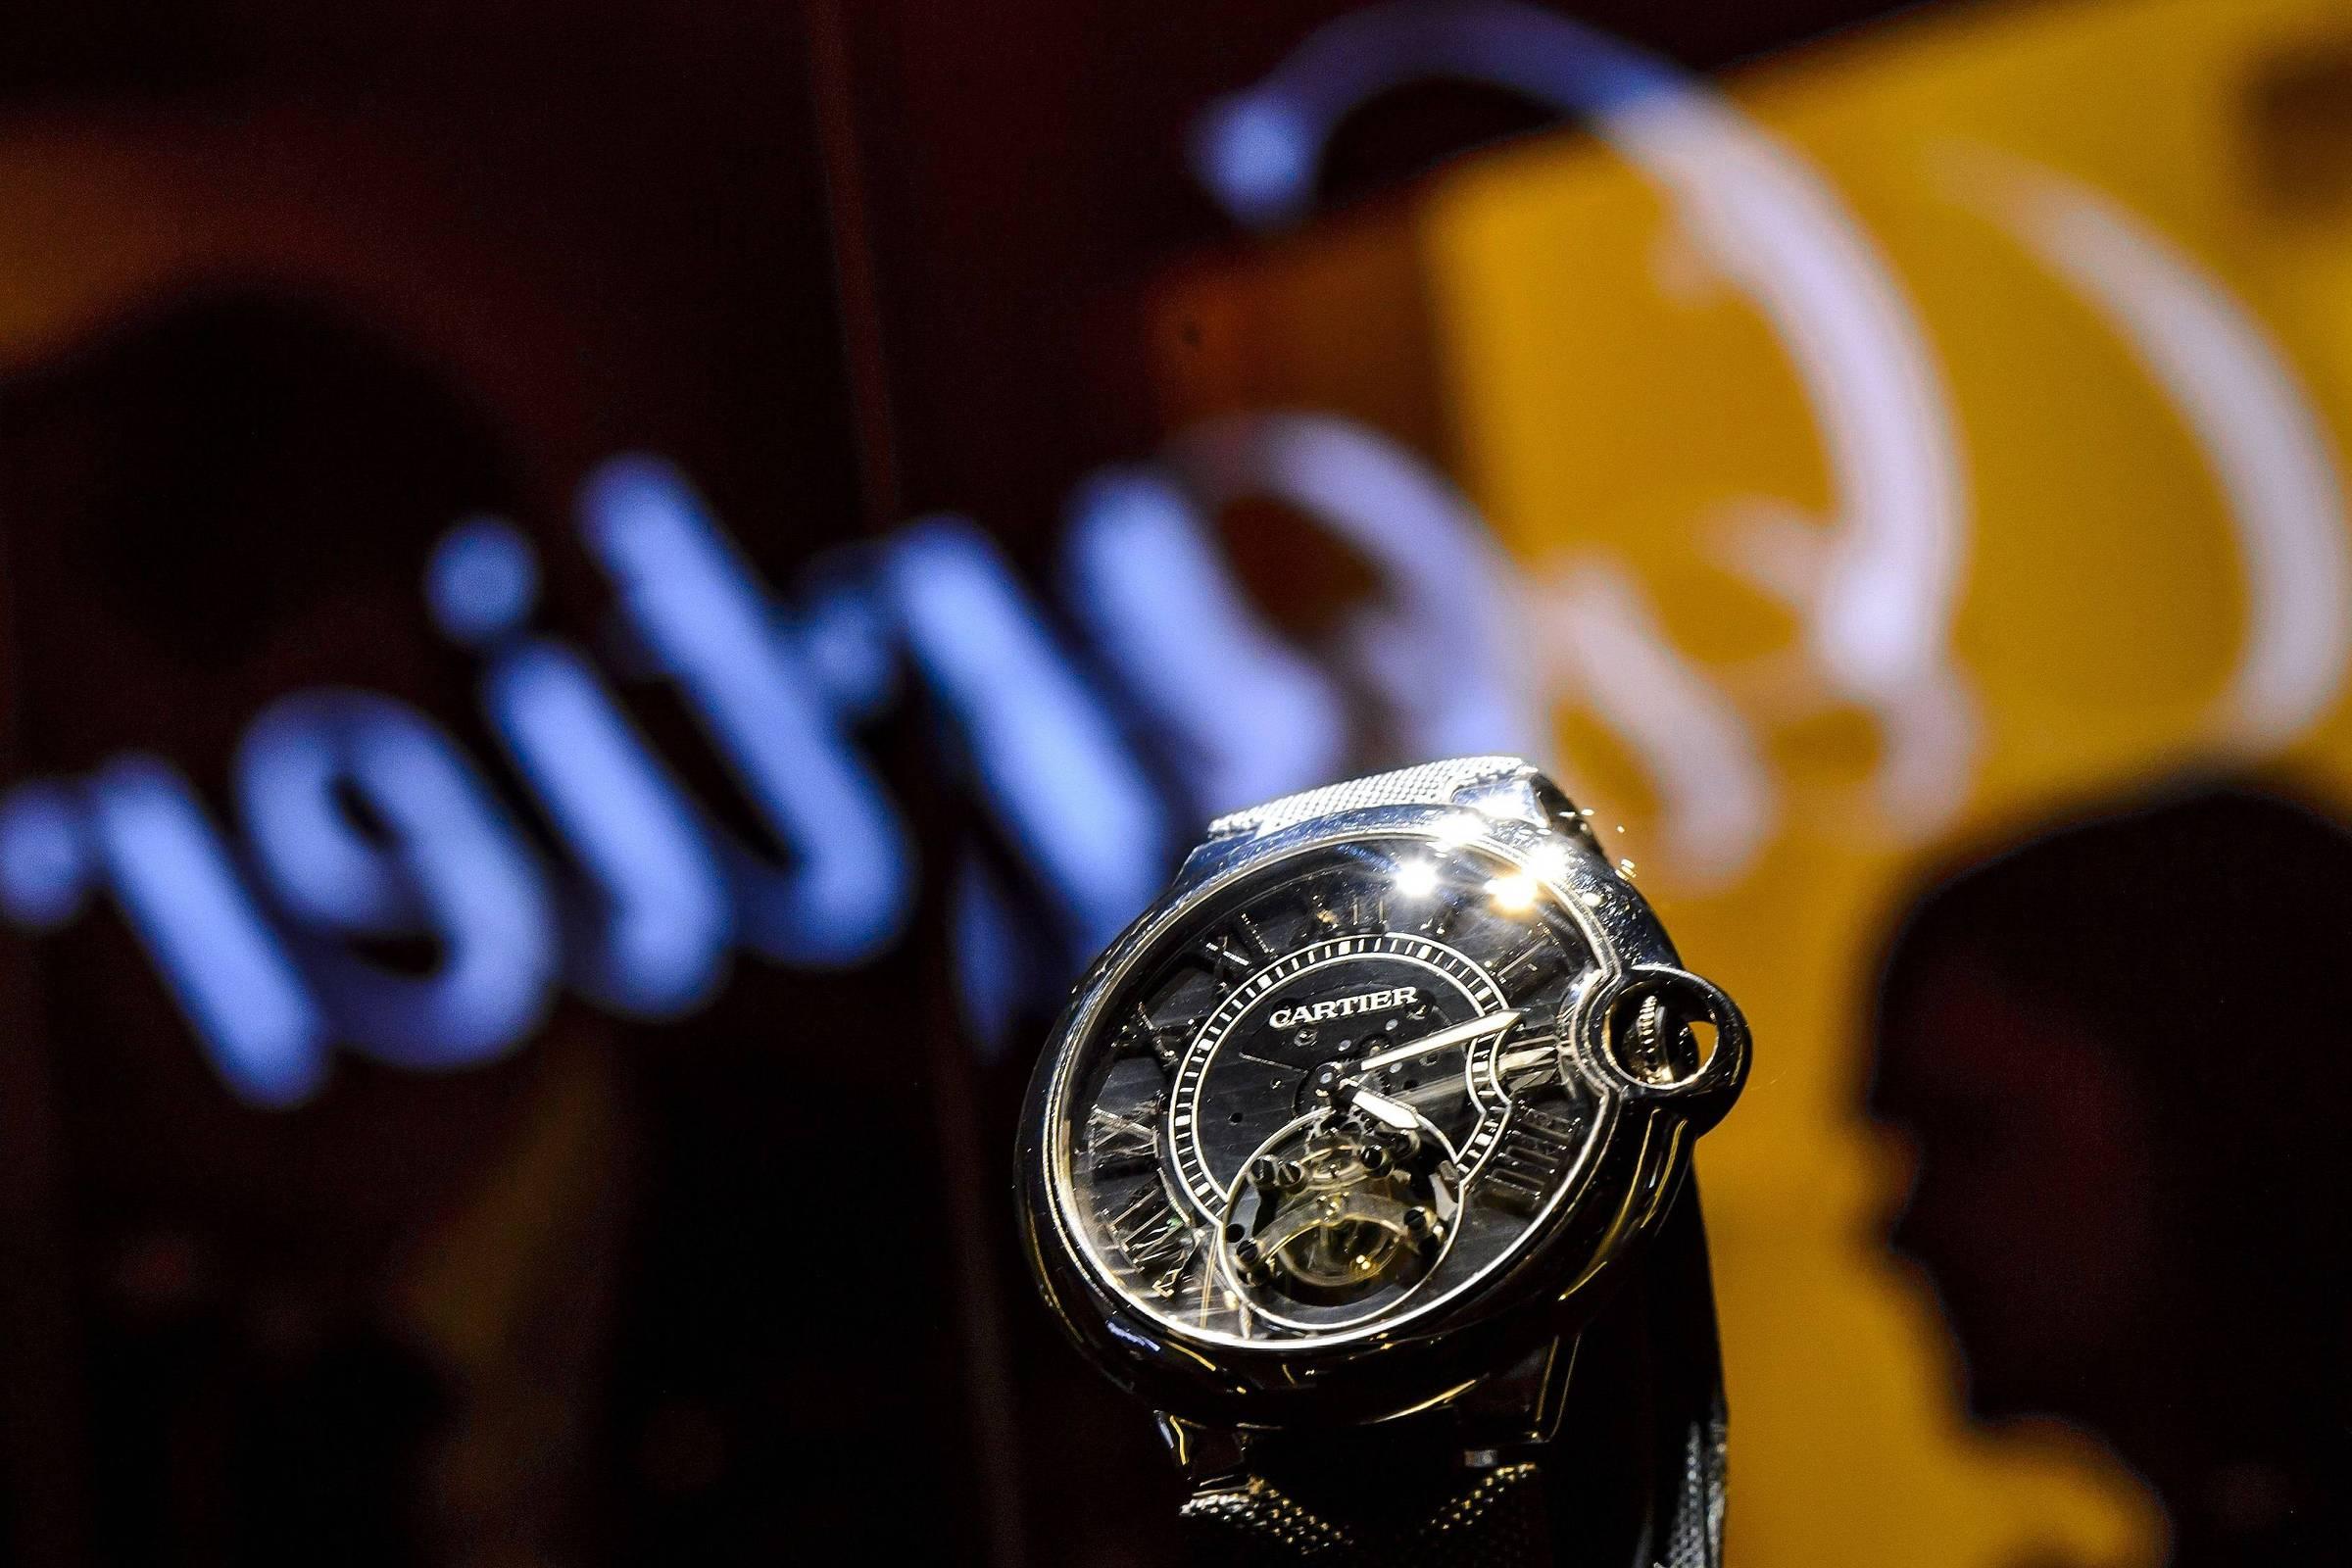 ba928aebfcb eBay tenta parceiras no bilionário mercado de relógios de luxo - 21 11 2018  - Mercado - Folha